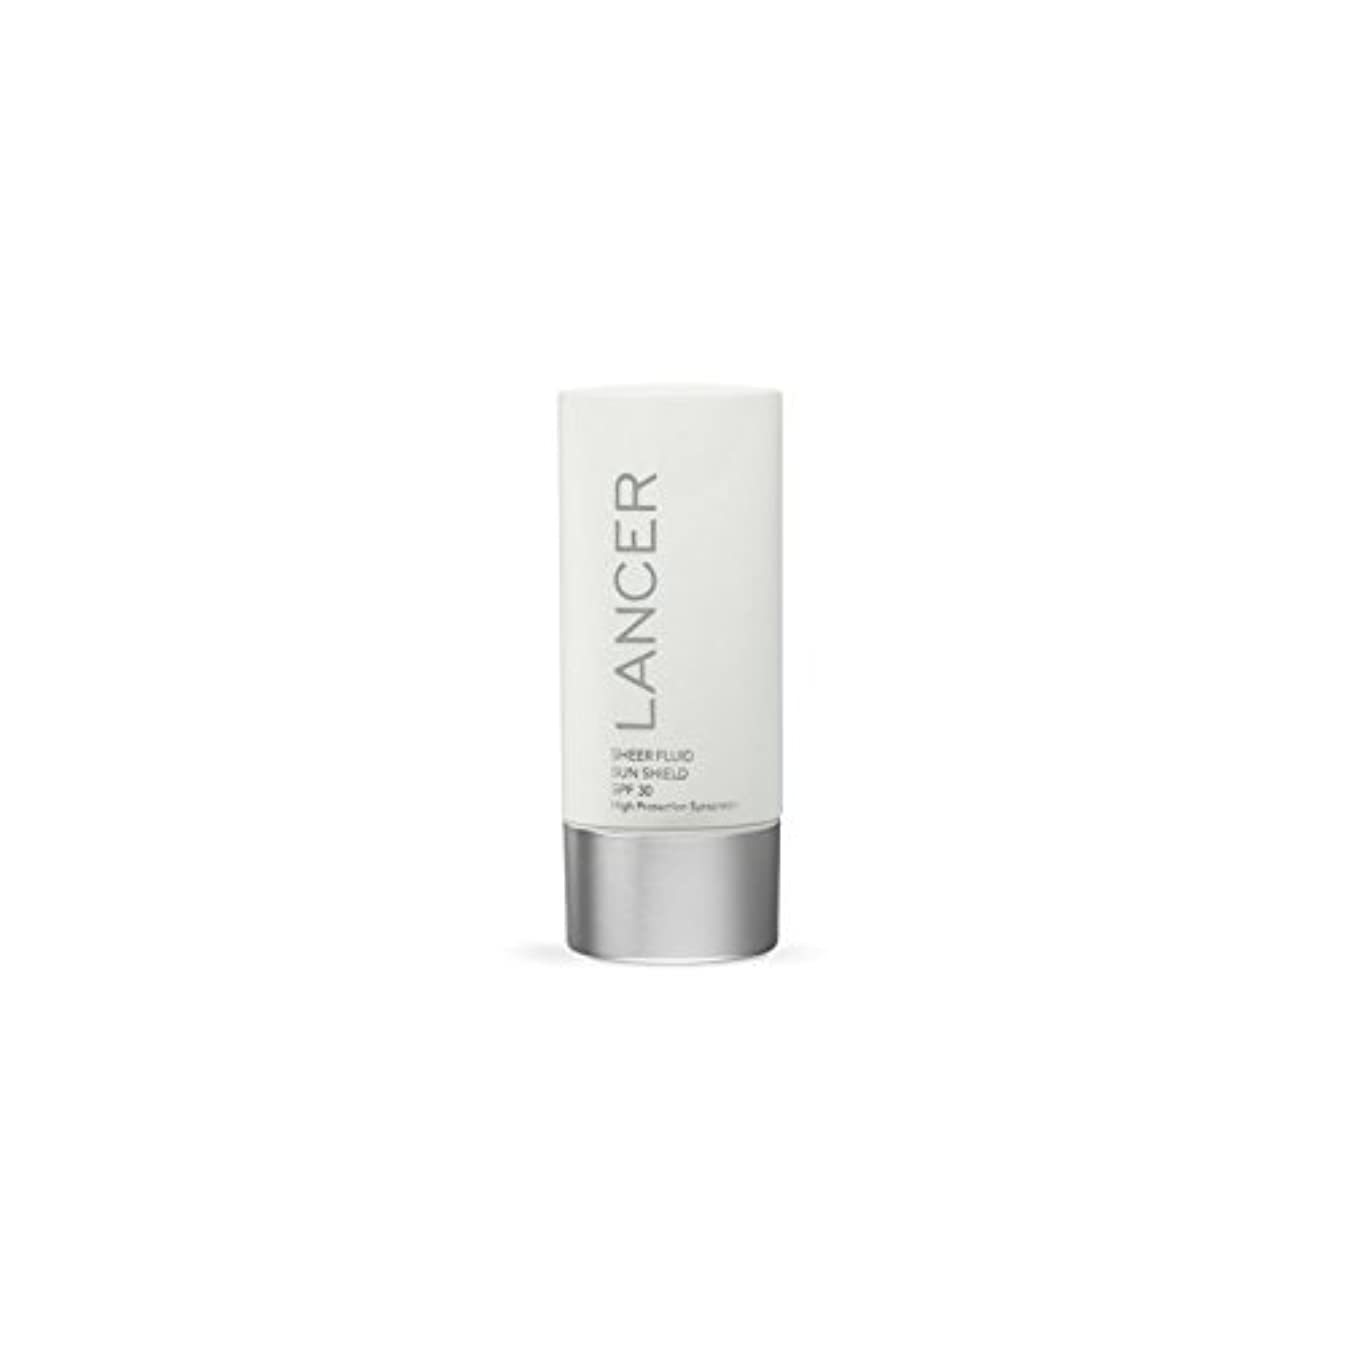 説得小間半ばLancer Skincare Sheer Fluid Sun Shield Spf 30 (60ml) - ランサースキンケア切り立った流体サンシールド 30(60ミリリットル) [並行輸入品]